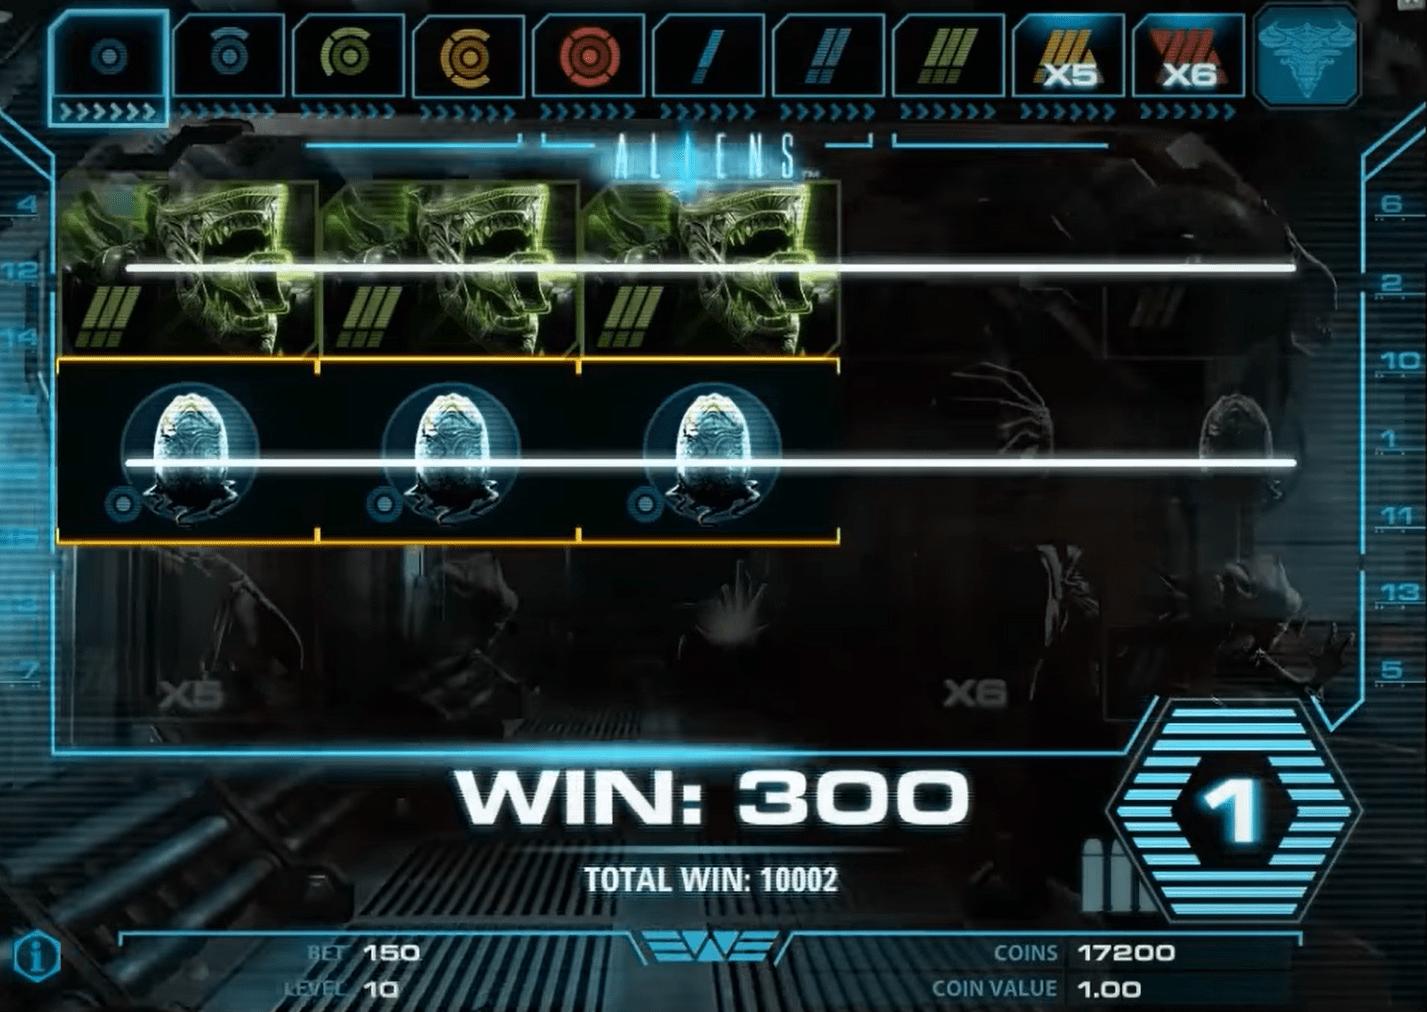 Aliens Slot Machine Winning